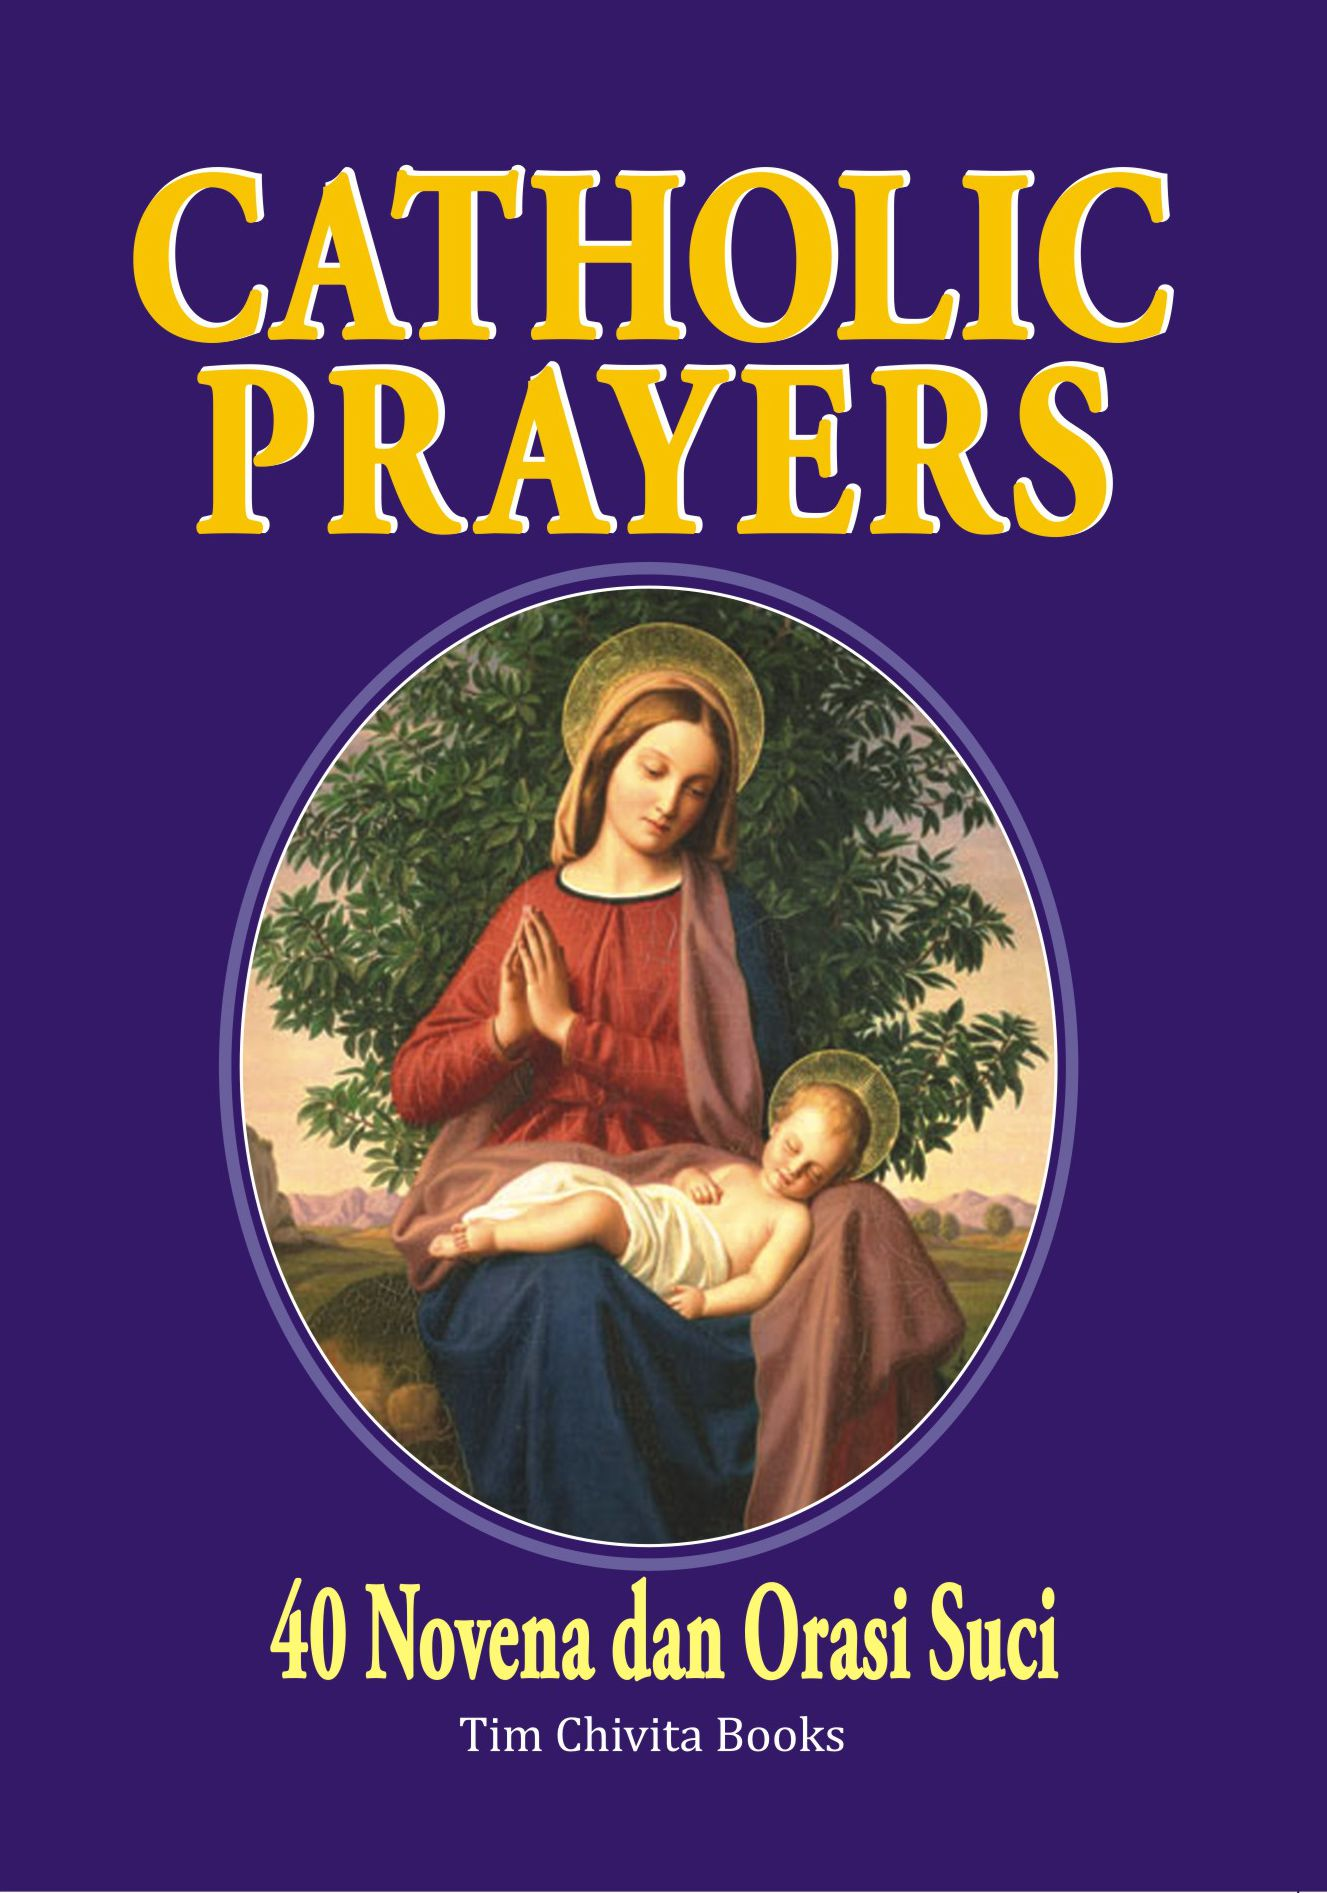 doa novena dan orasi suci